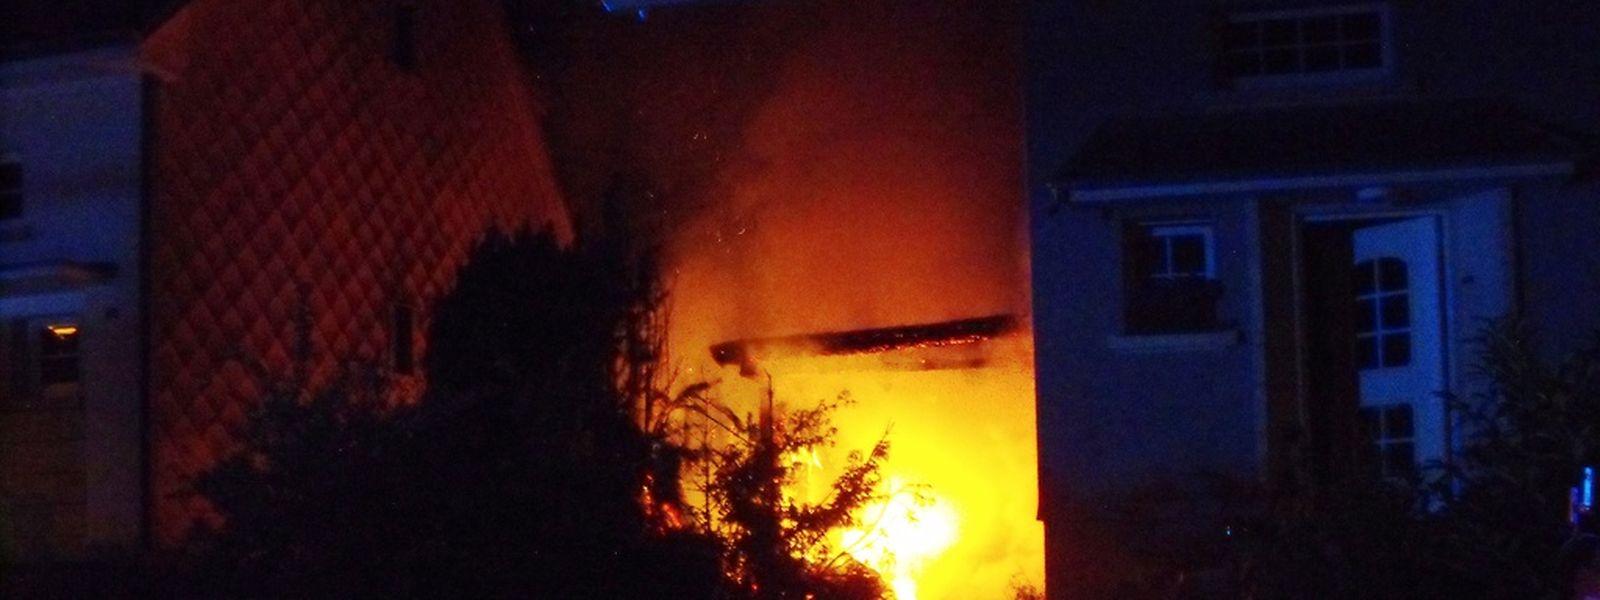 Das Haus stand lichterloh in Flammen